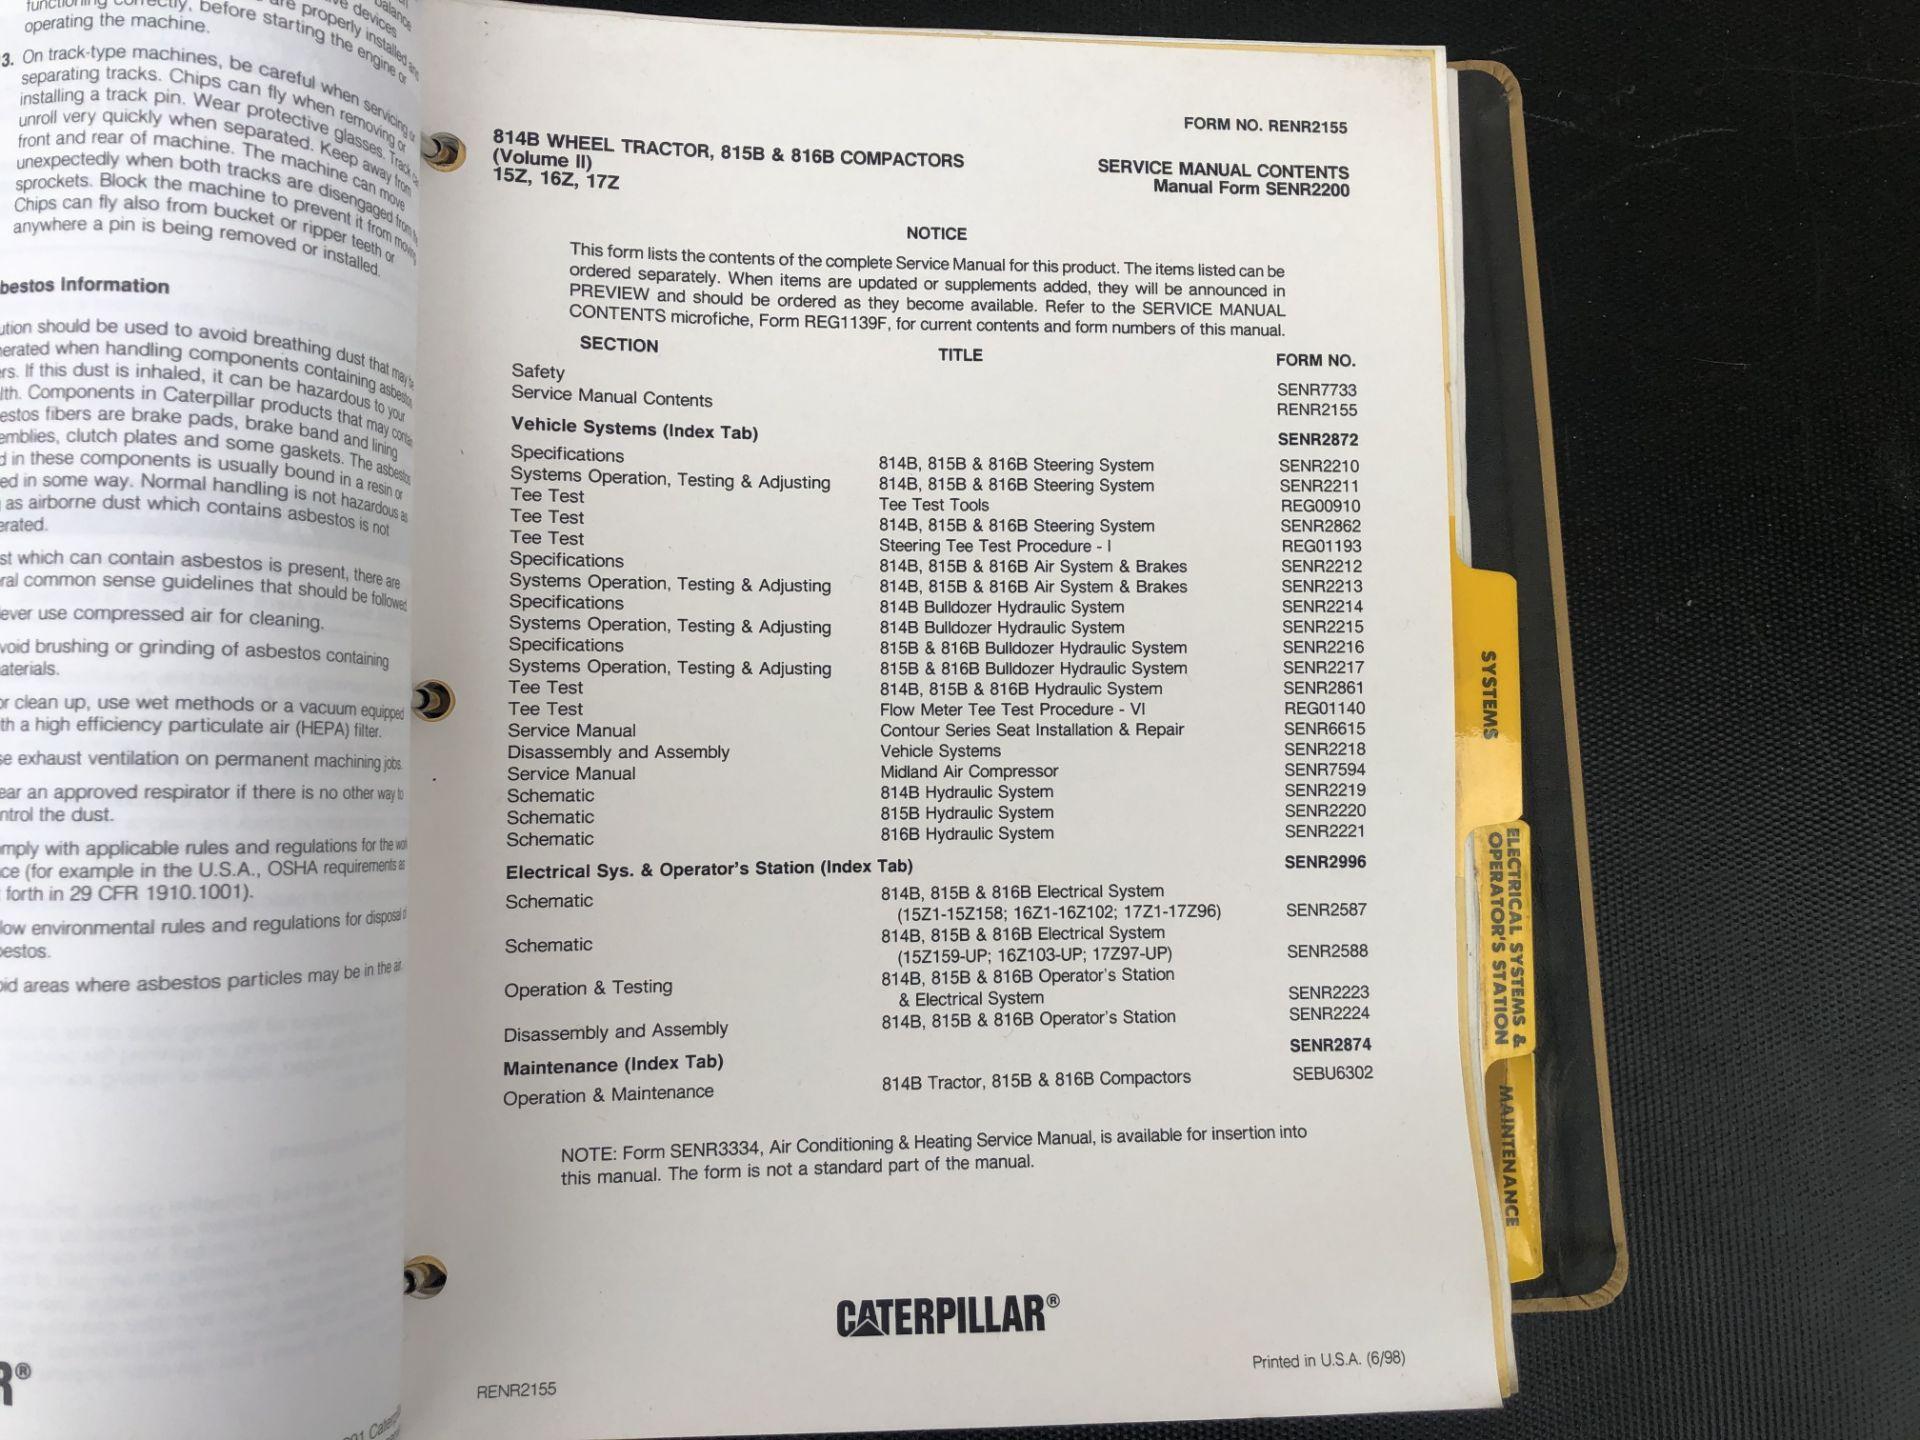 CATERPILLAR 814B, 815B 816B VOLUME II SERVICE MANUAL, GENUINE FACTORY CAT WORKSHOP MANUAL - Image 3 of 3